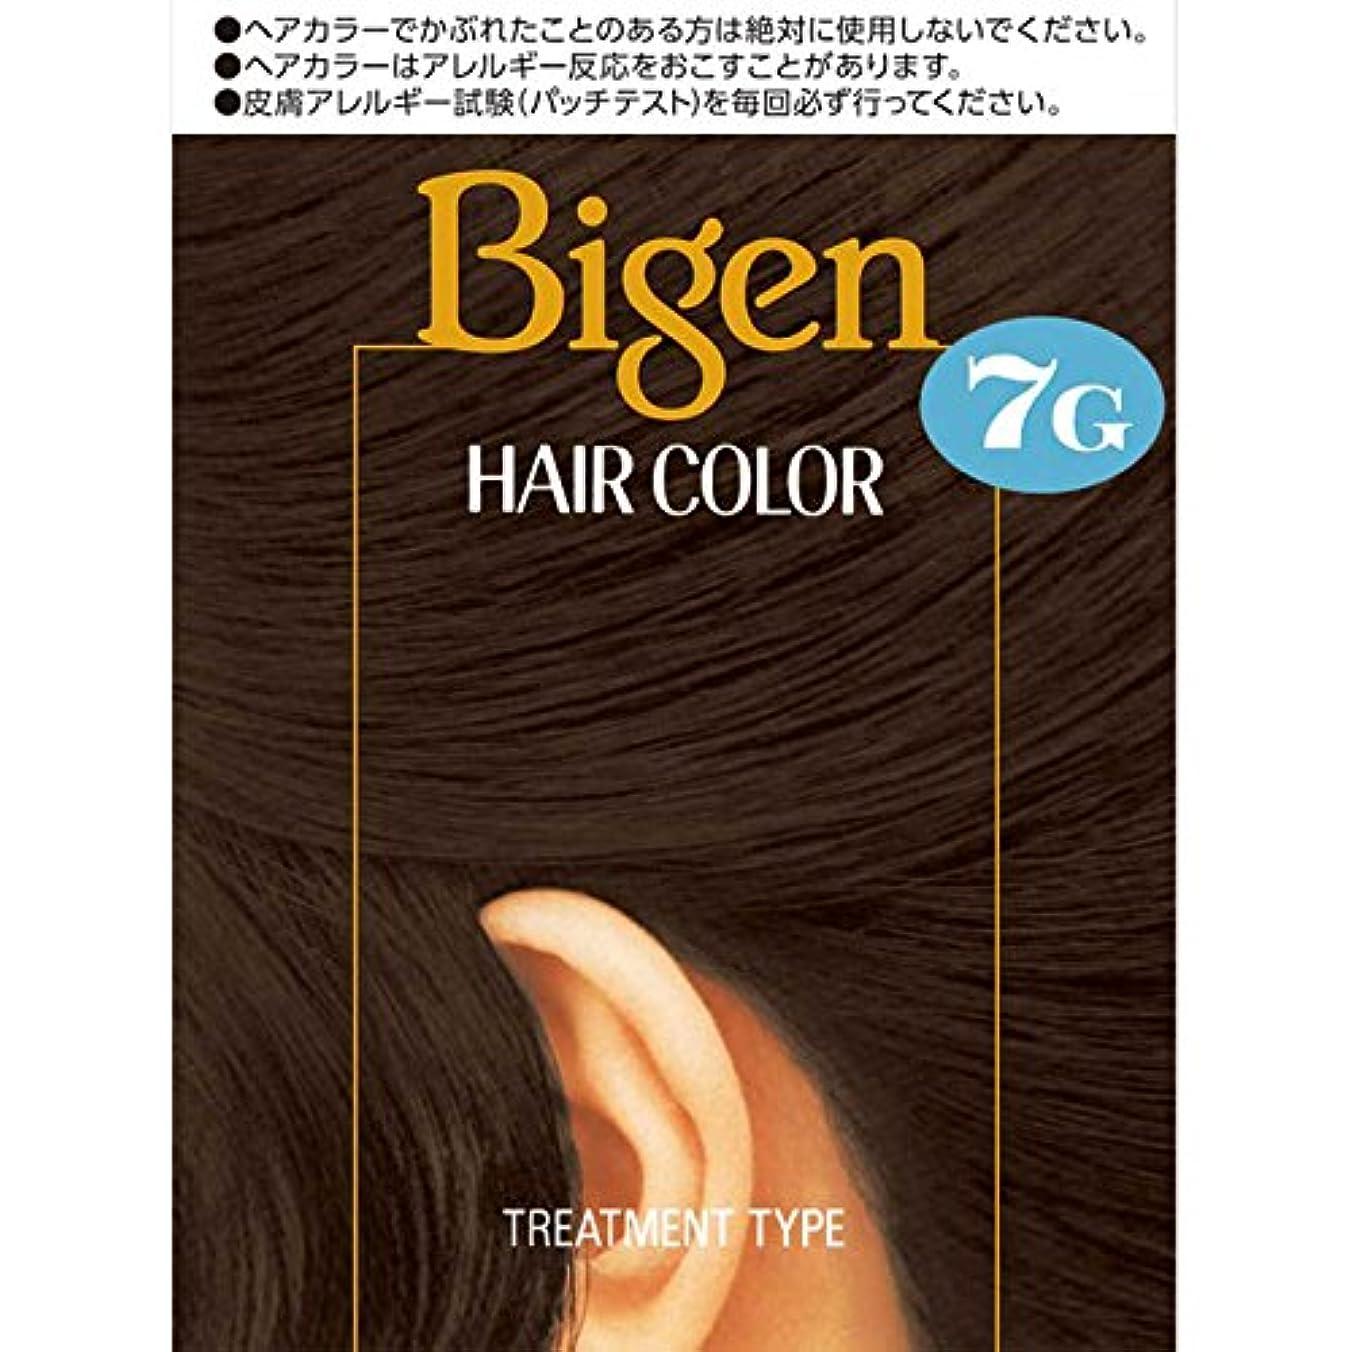 救い仮称神経ホーユー ビゲン ヘアカラー 7G 自然な黒褐色 40ml×2